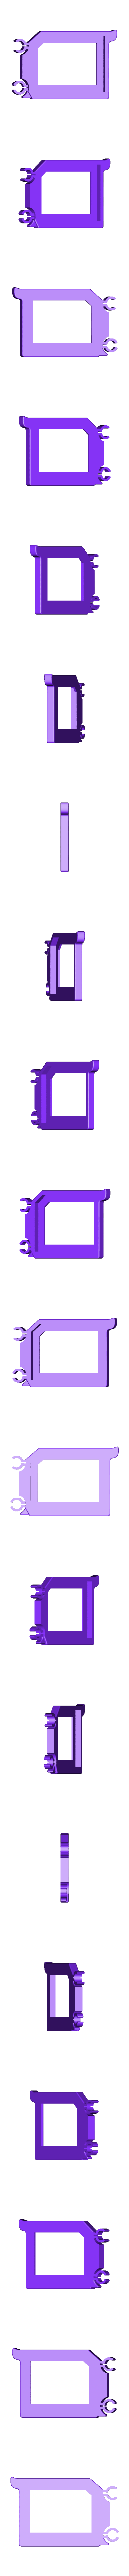 SD_DOWN.stl Télécharger fichier STL gratuit Support SD et micro SD 1-10 éléments • Plan pour impression 3D, WaterLemon